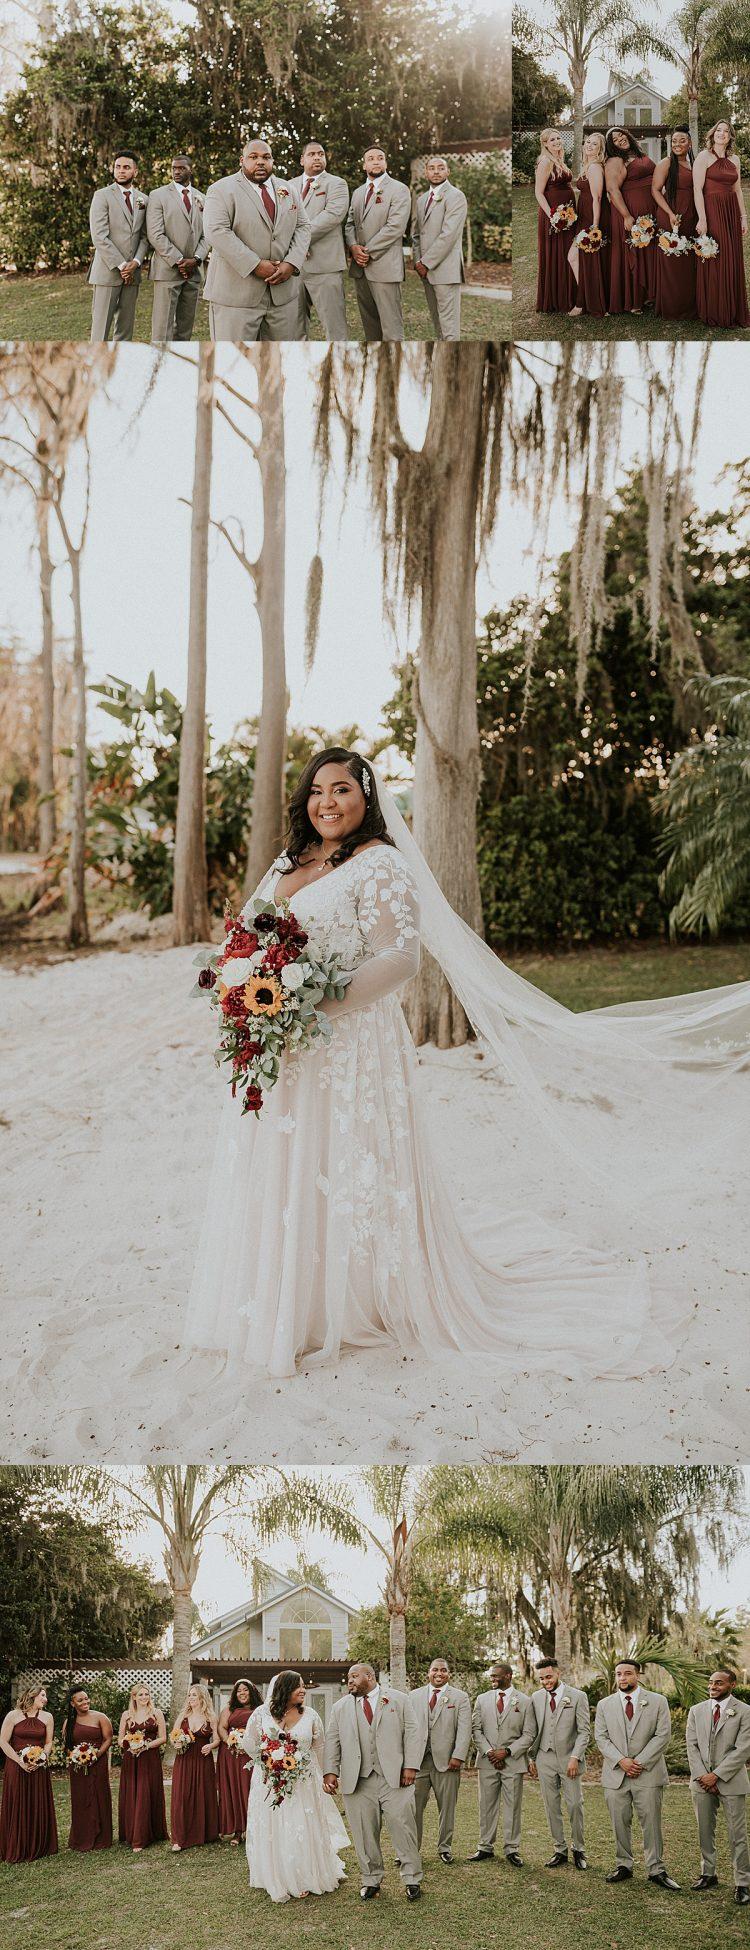 Orlando Wedding Venues - PC10